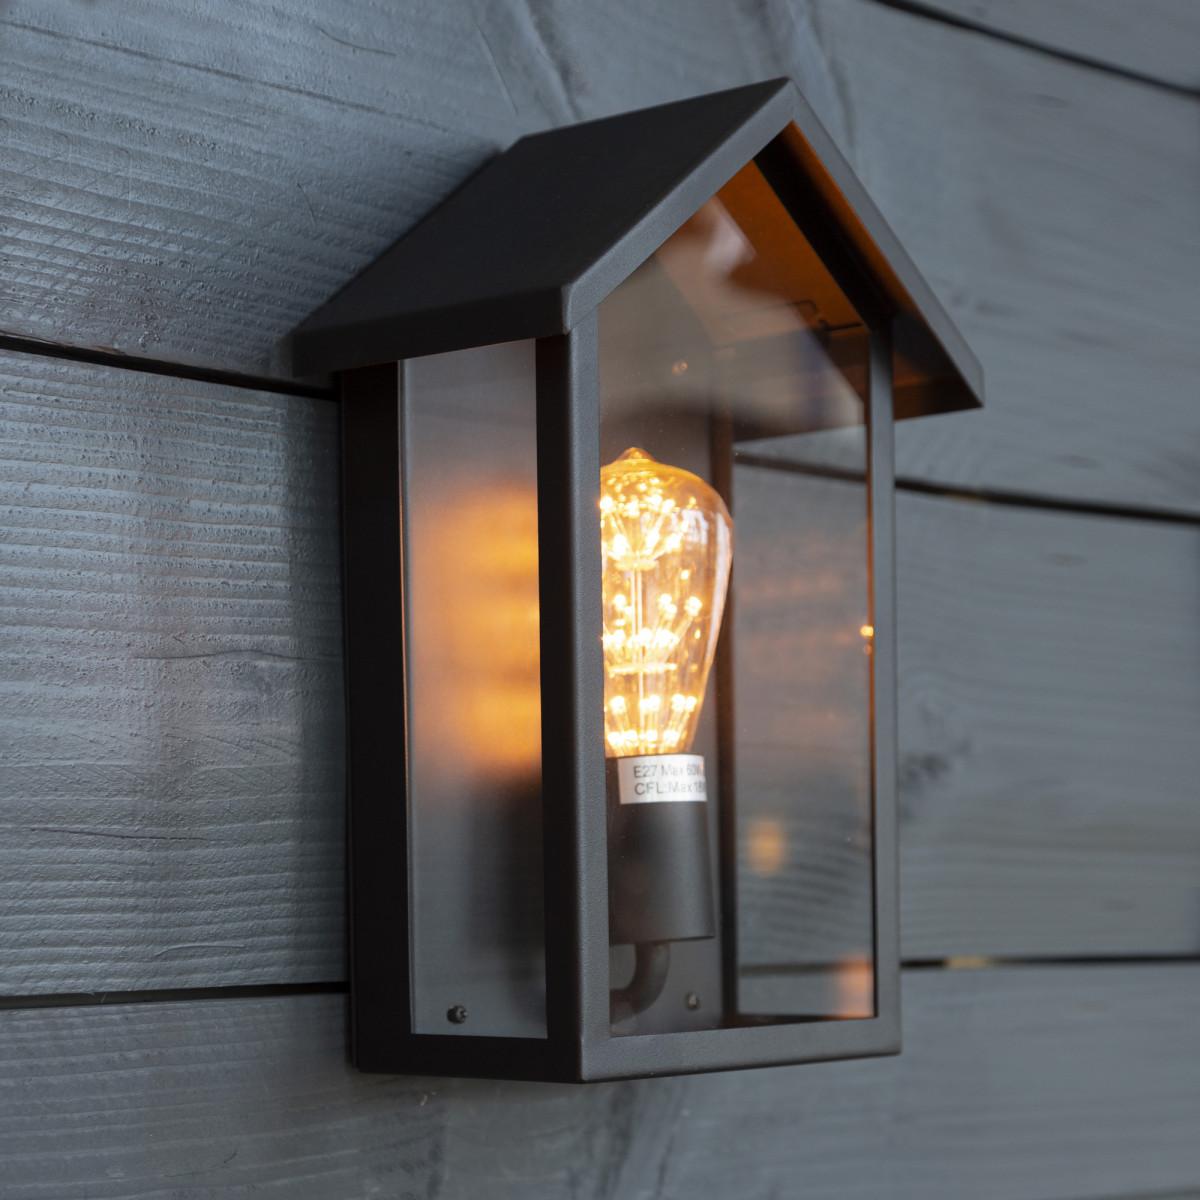 Zwarte buitenlamp, home design, vlakke achterzijde, wandlamp voor buiten met zwart frame en heldere beglazing, vorm van een huis